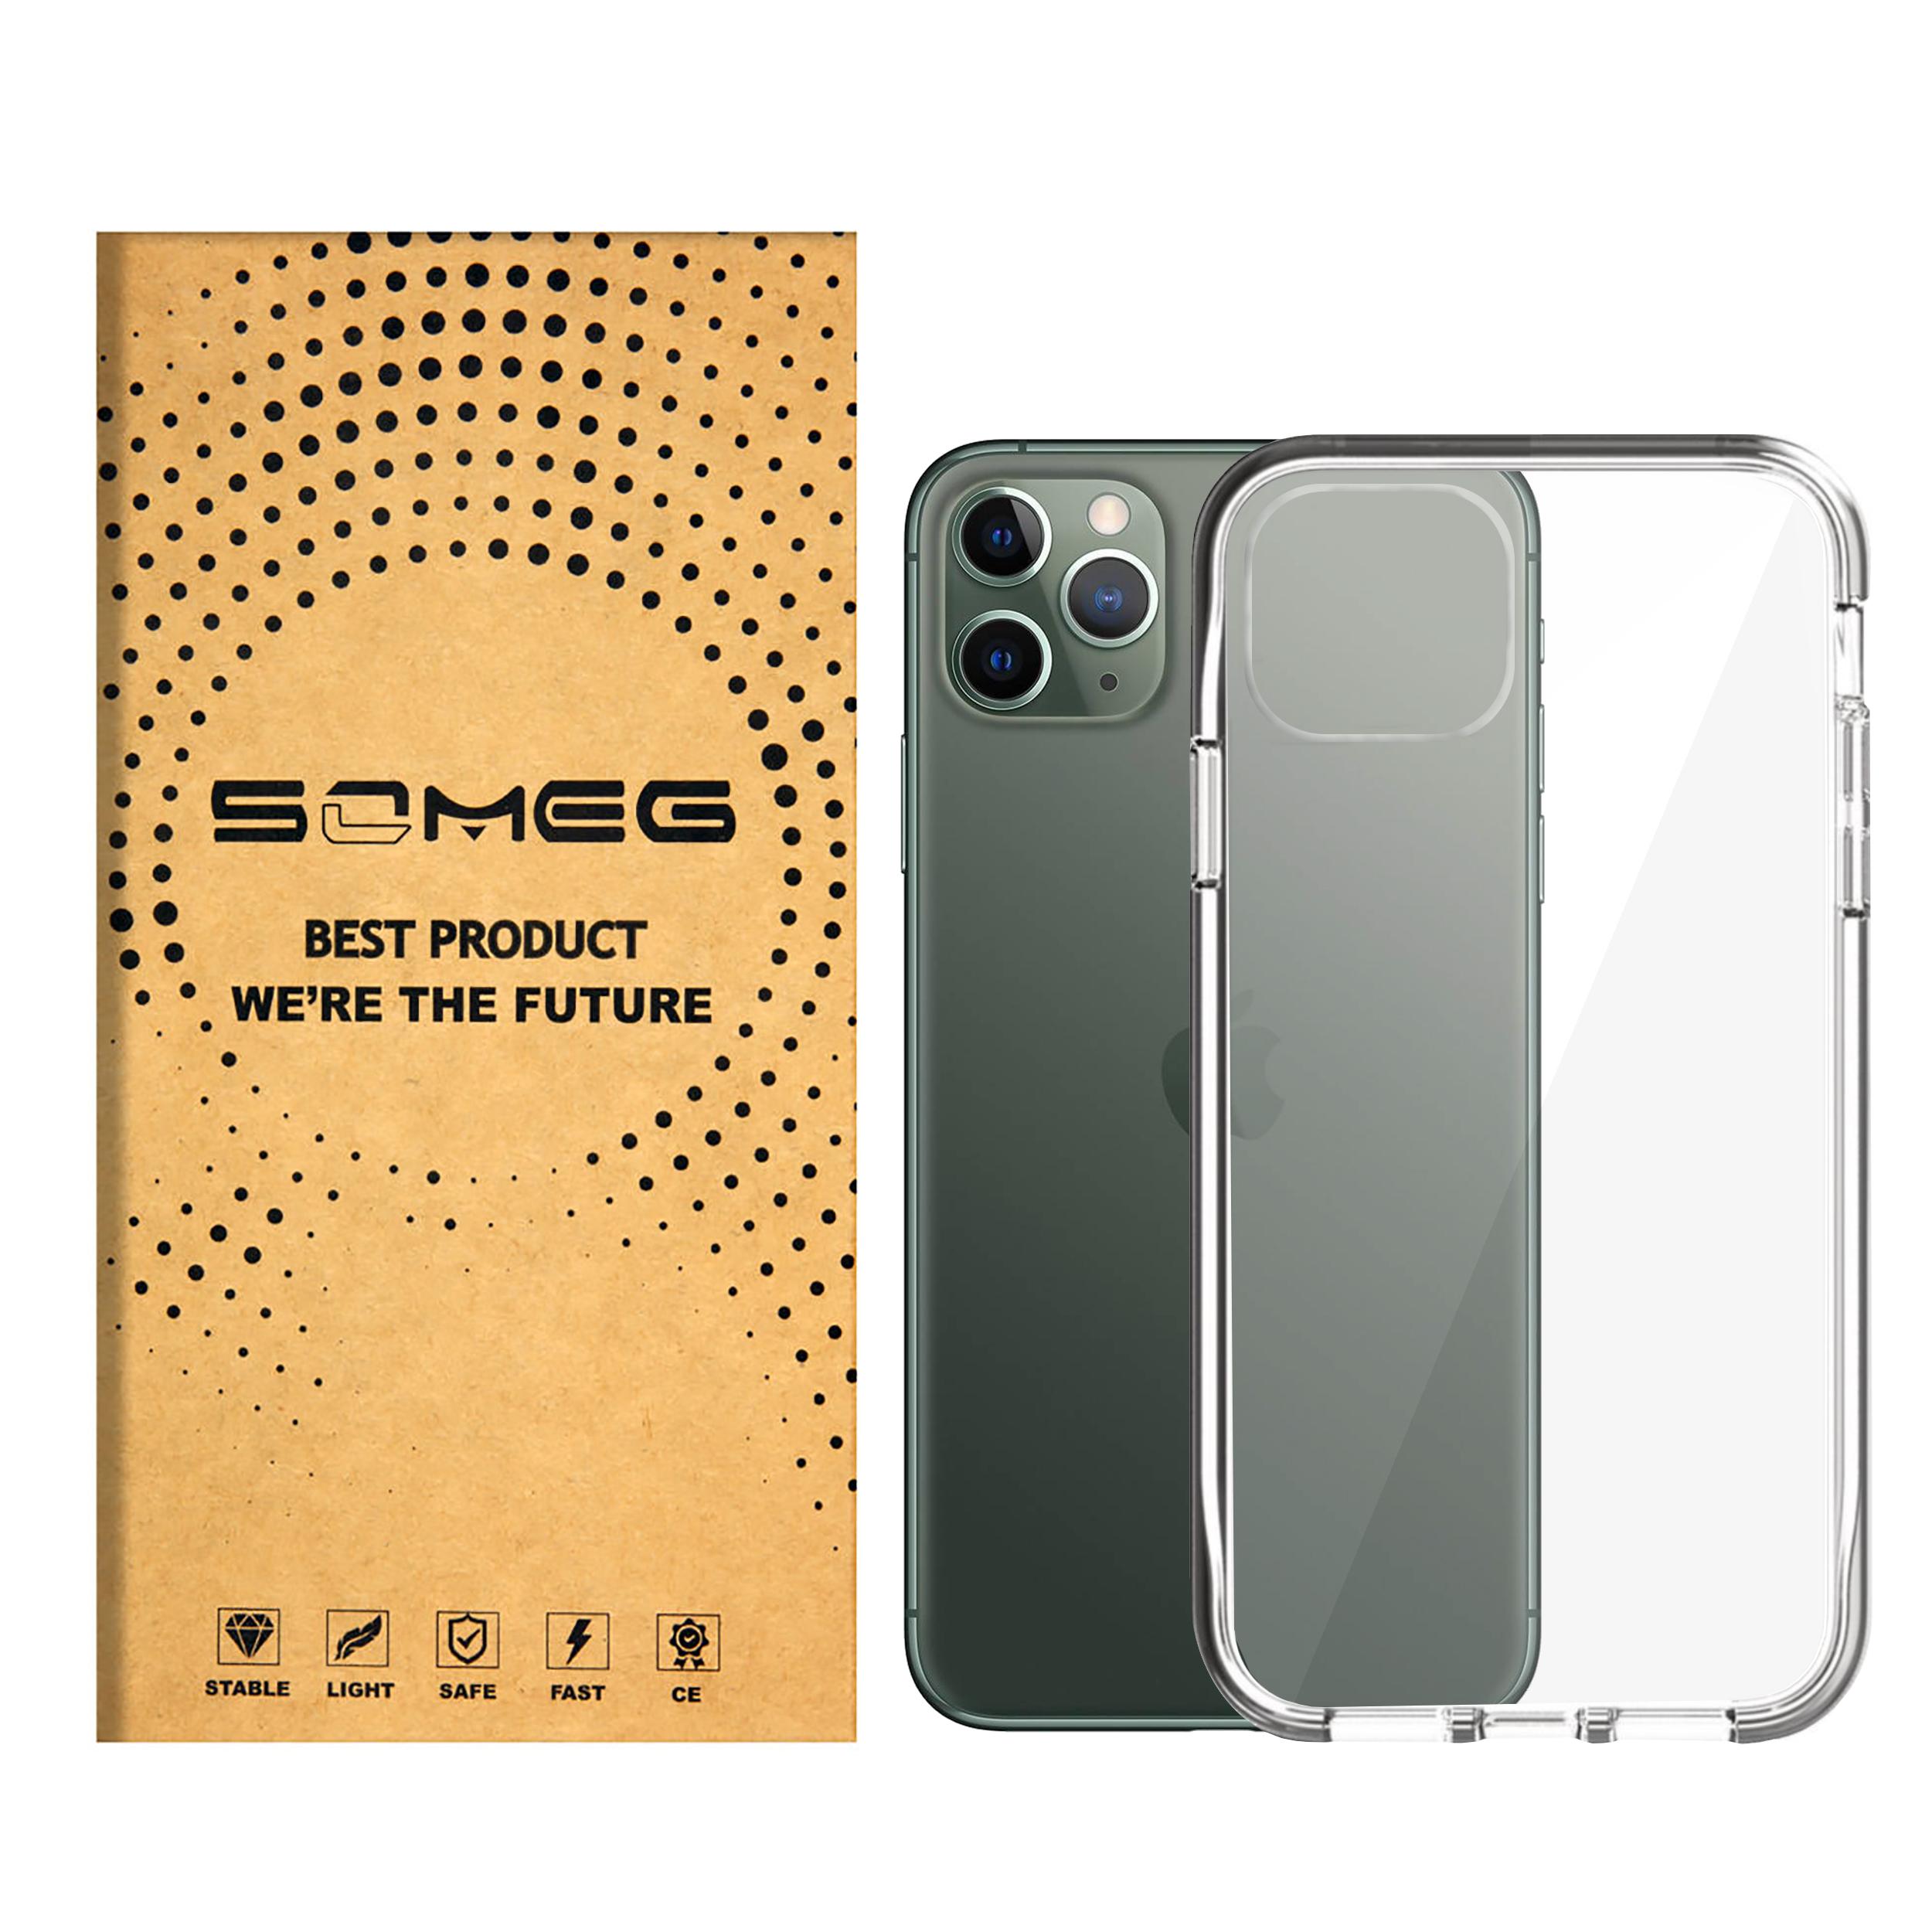 کاور  سومگ مدل SMG-E11 مناسب برای گوشی موبایل اپل iPhone 11 Pro Max              ( قیمت و خرید)